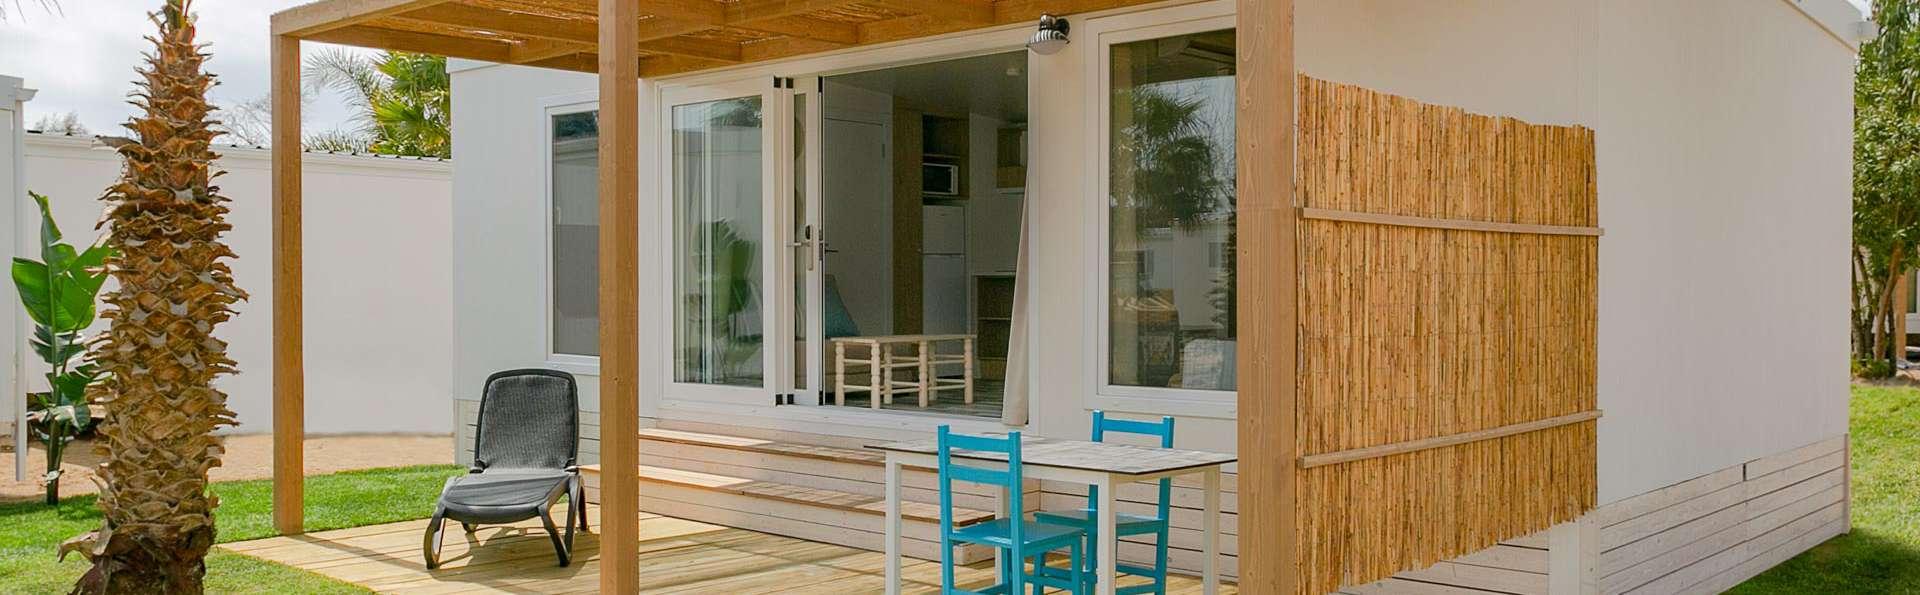 Resort con piscinas, animación y actividades en bungalow Mykonos en Miami Platja